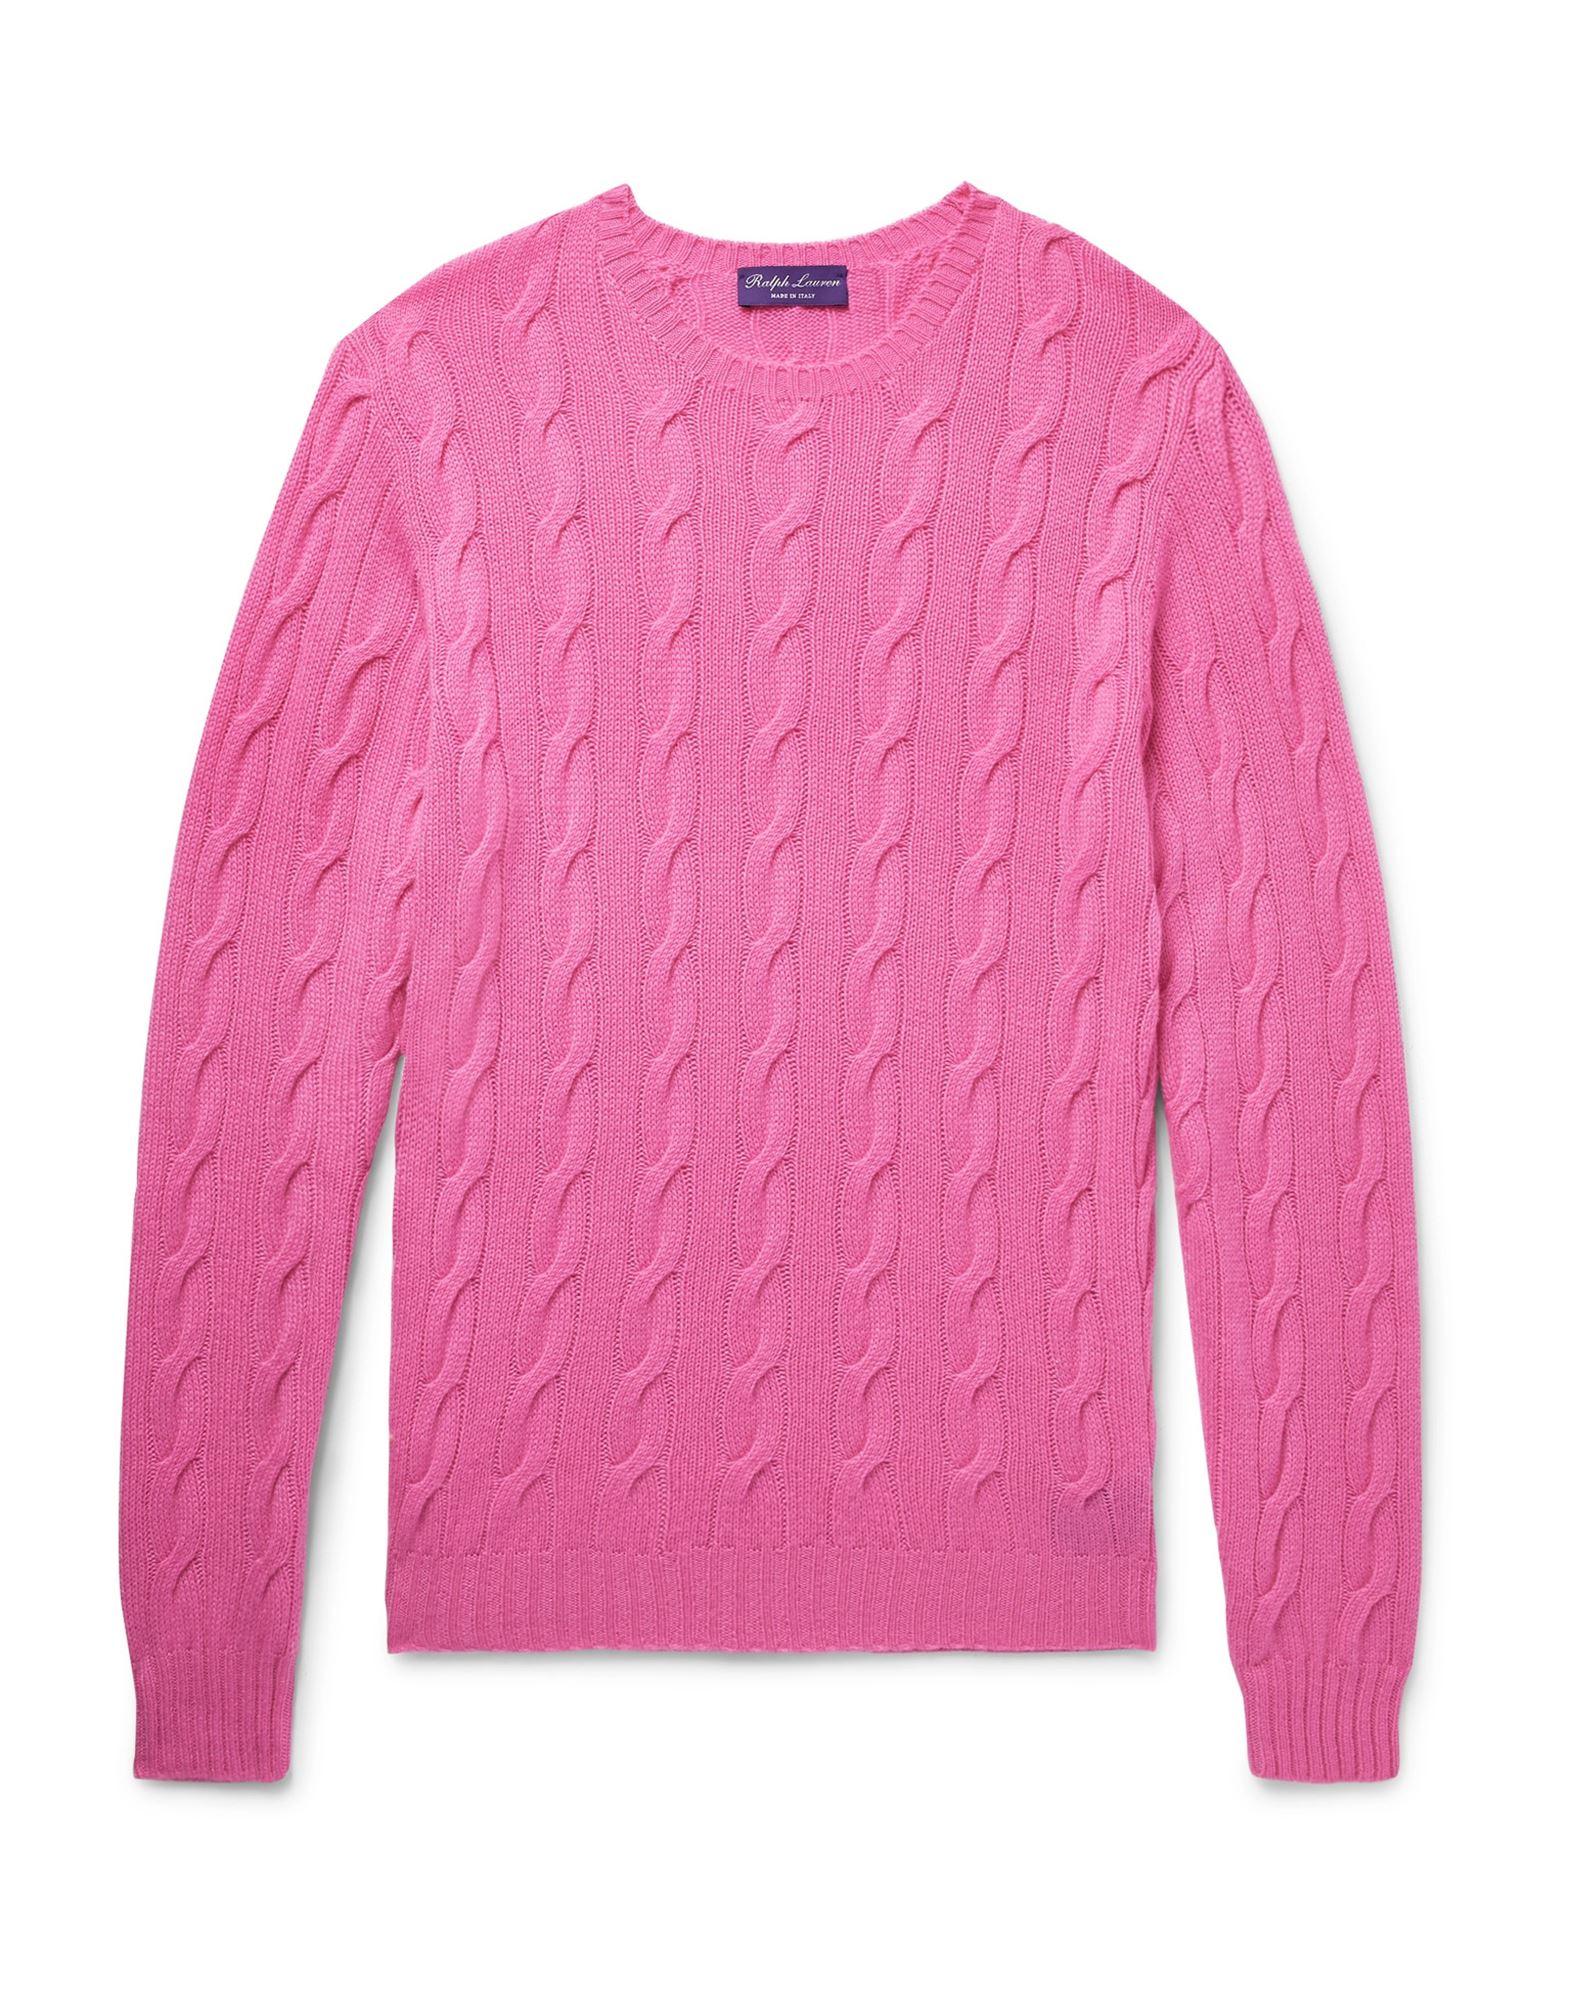 Pullover ralph lauren purple label homme....